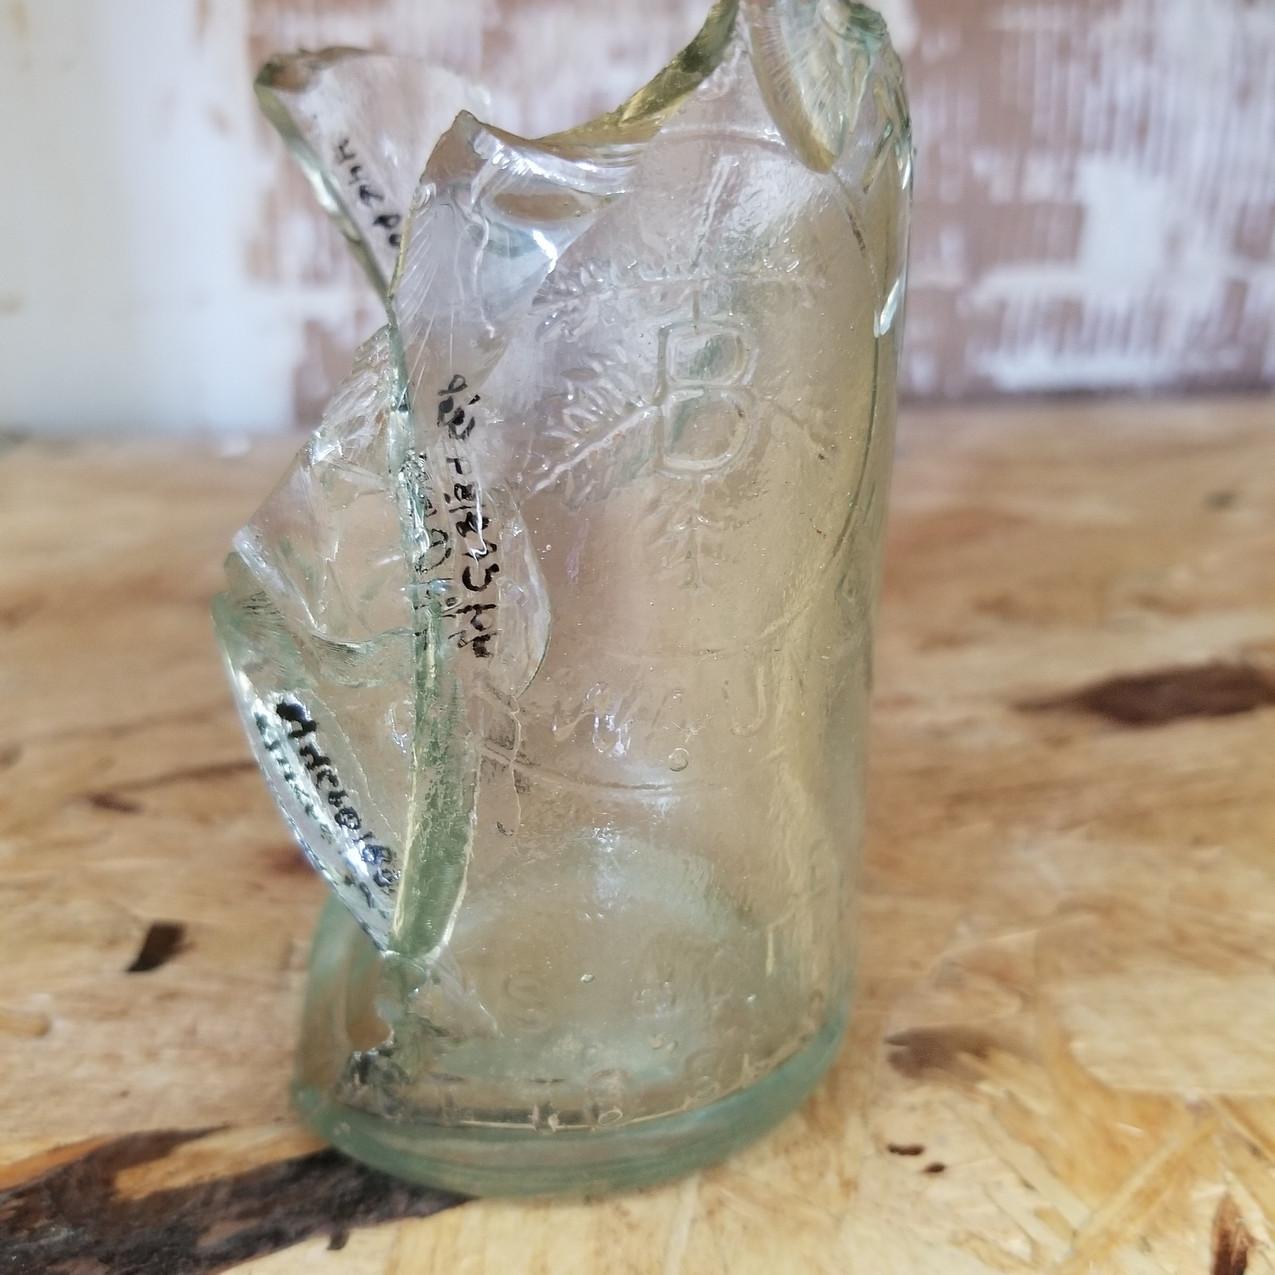 PBR bottle mended in lab